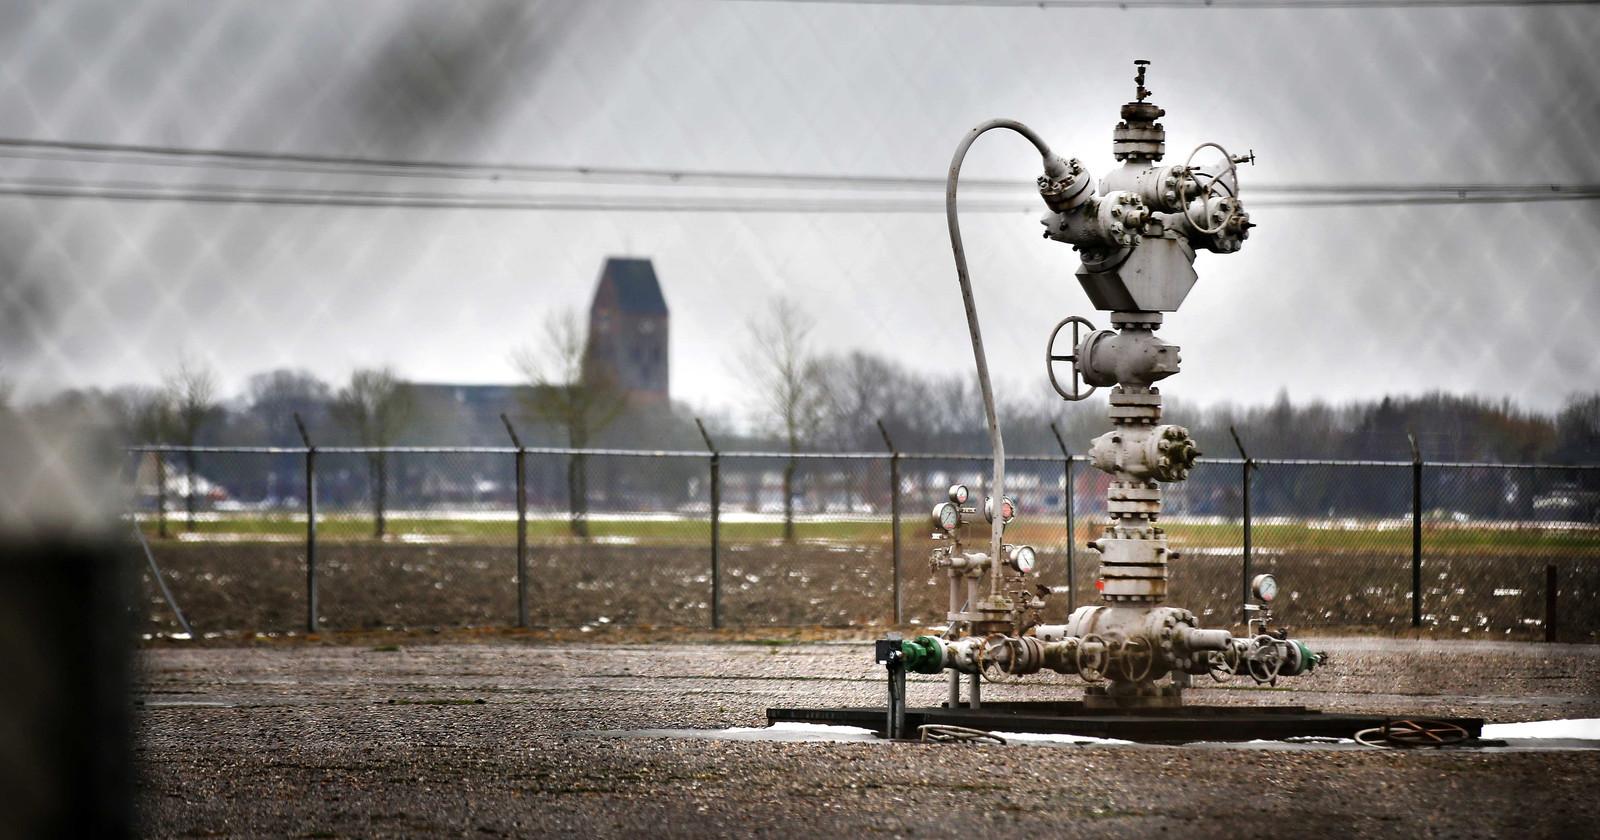 De Nederlandse Aardolie Maatschappij (NAM) wil het komende gasjaar (vanaf 1 oktober) evenveel gas oppompen als dit jaar.